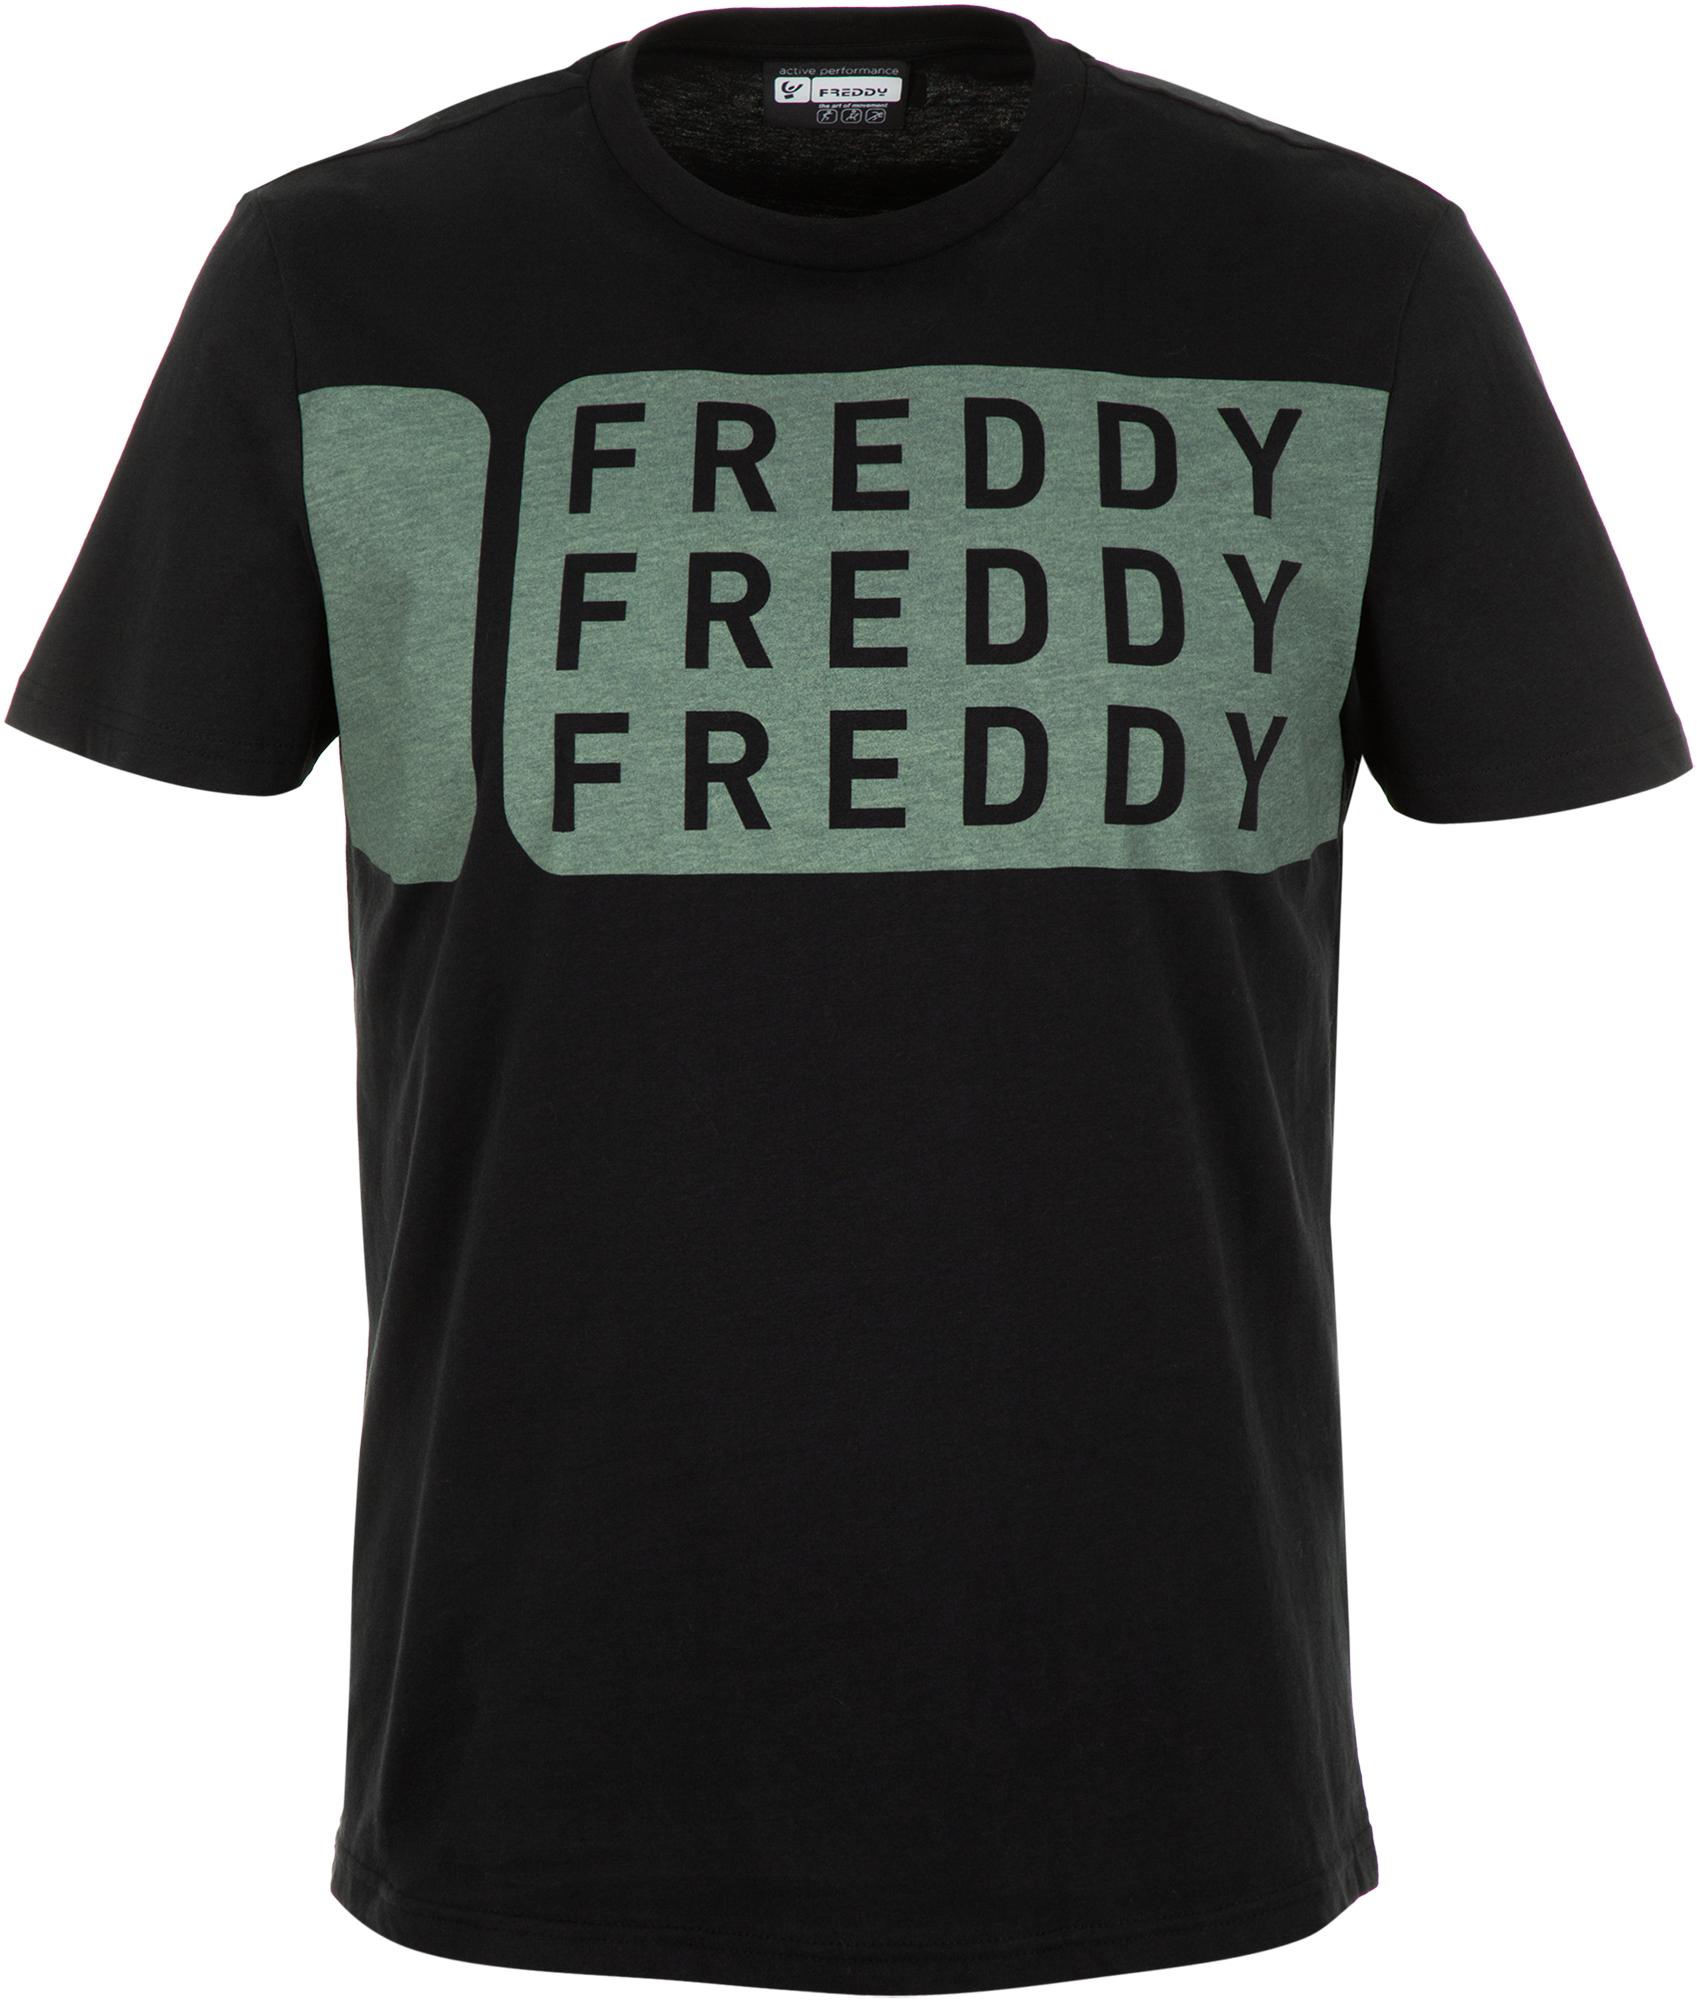 Freddy Футболка мужская Freddy, размер 52-54